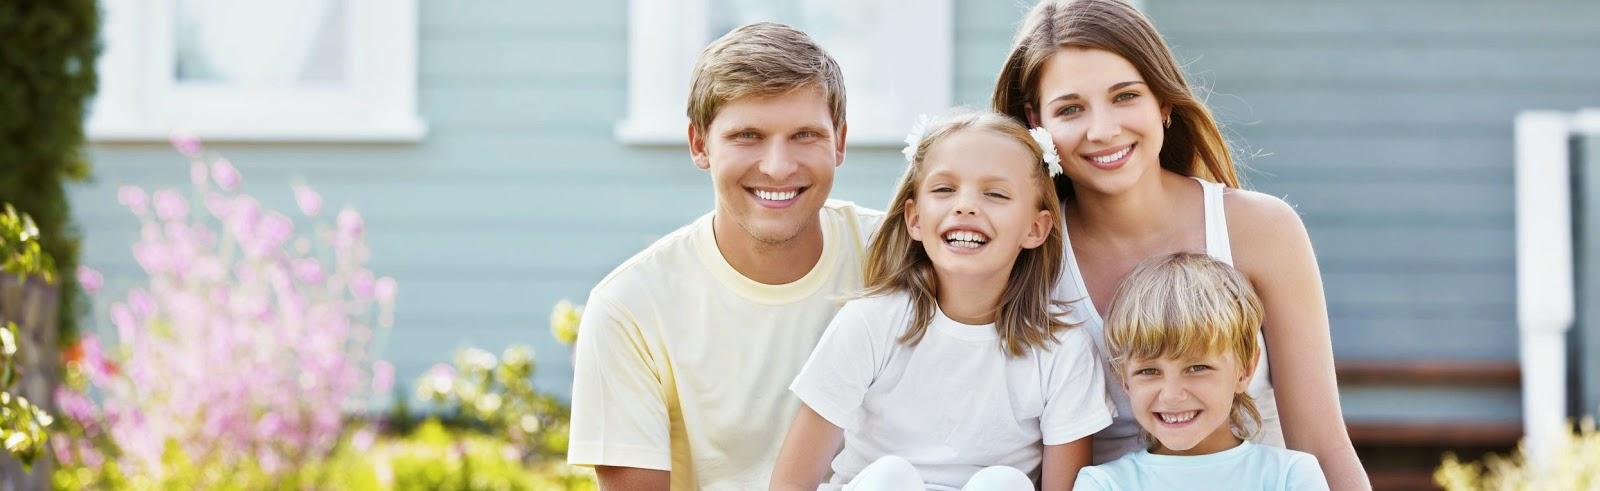 Imagen de una familia feliz frente a su nuevo hogar